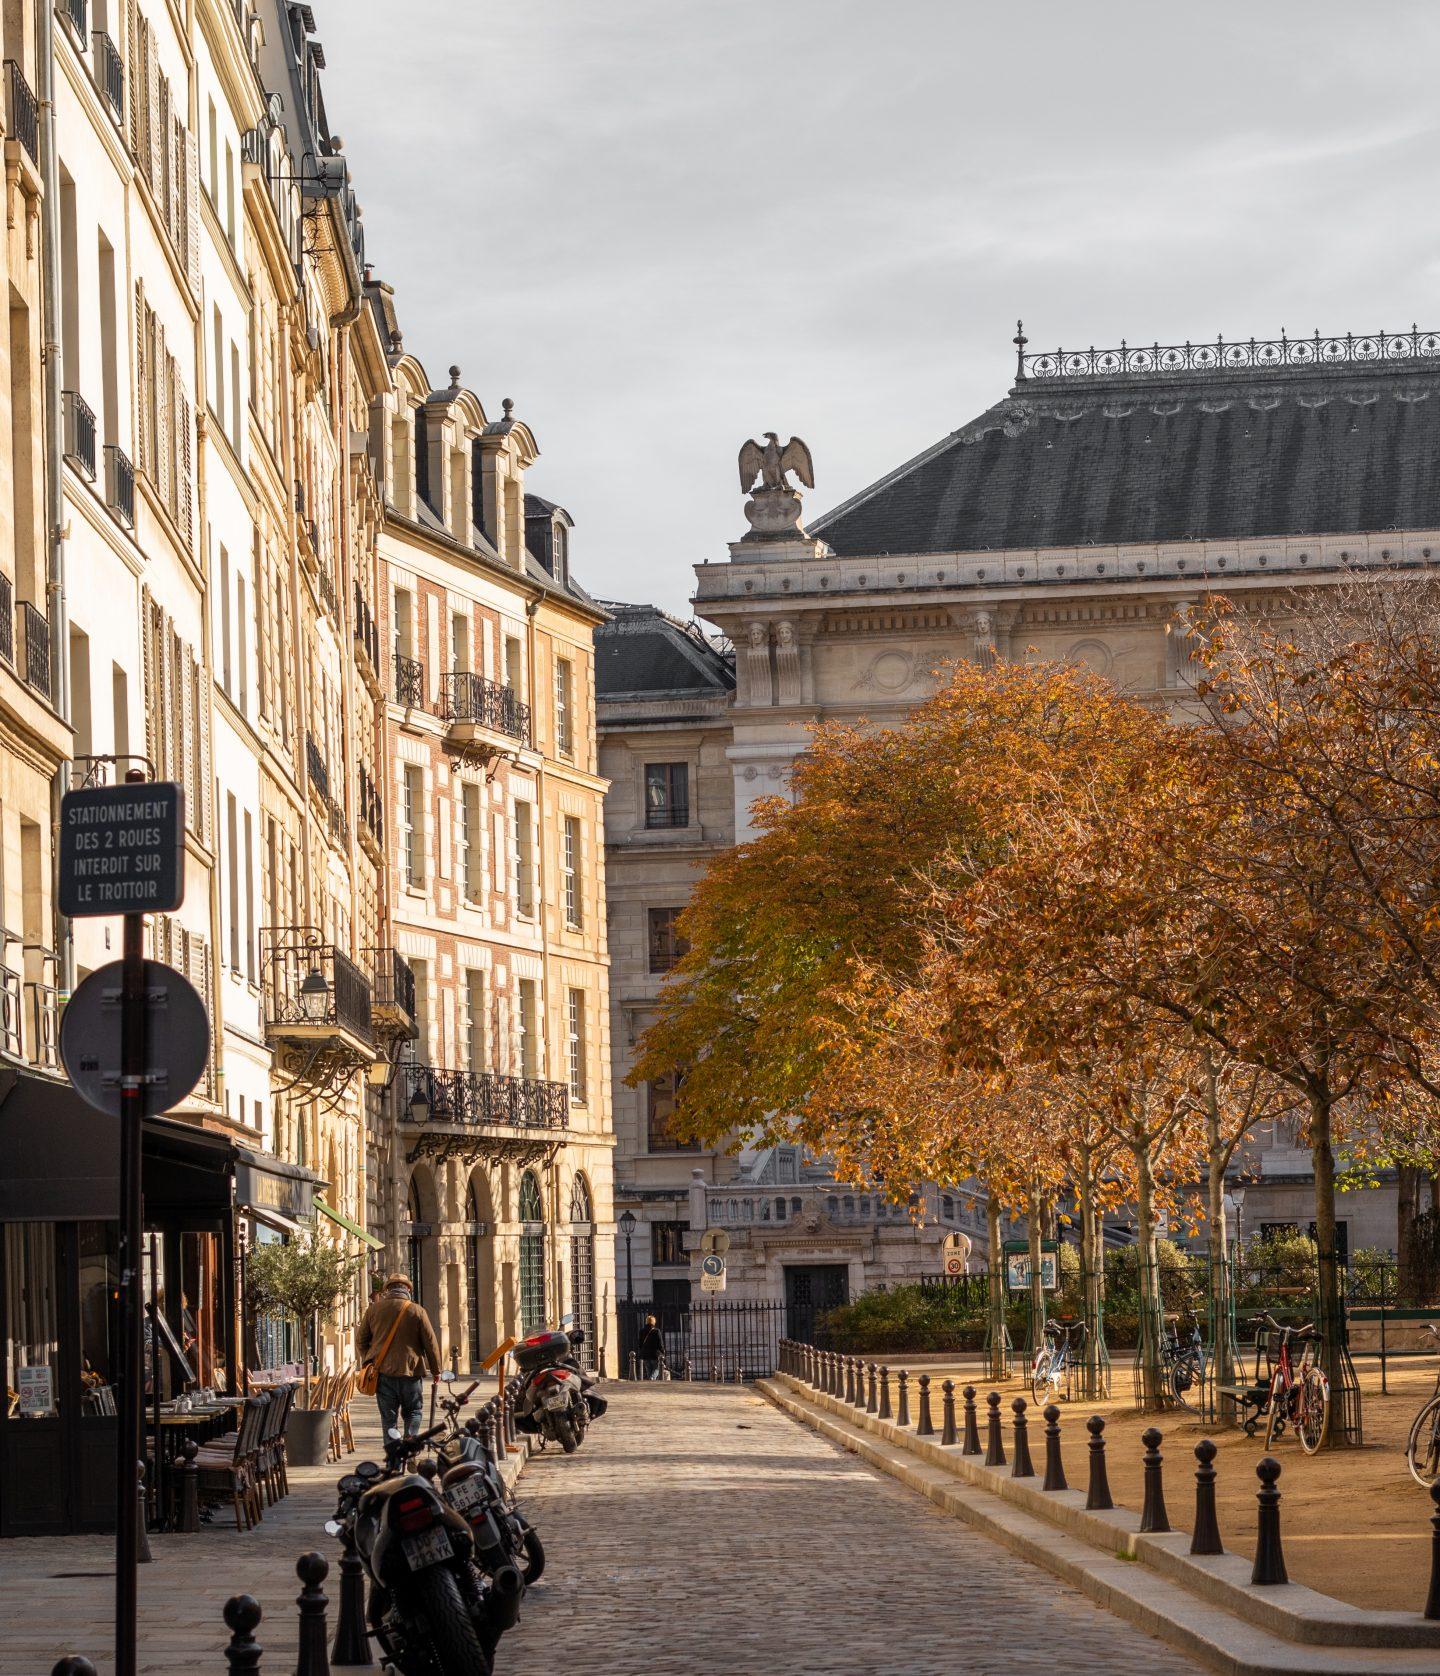 Det bedste tidspunkt at besøge Paris? Her er mit bud!